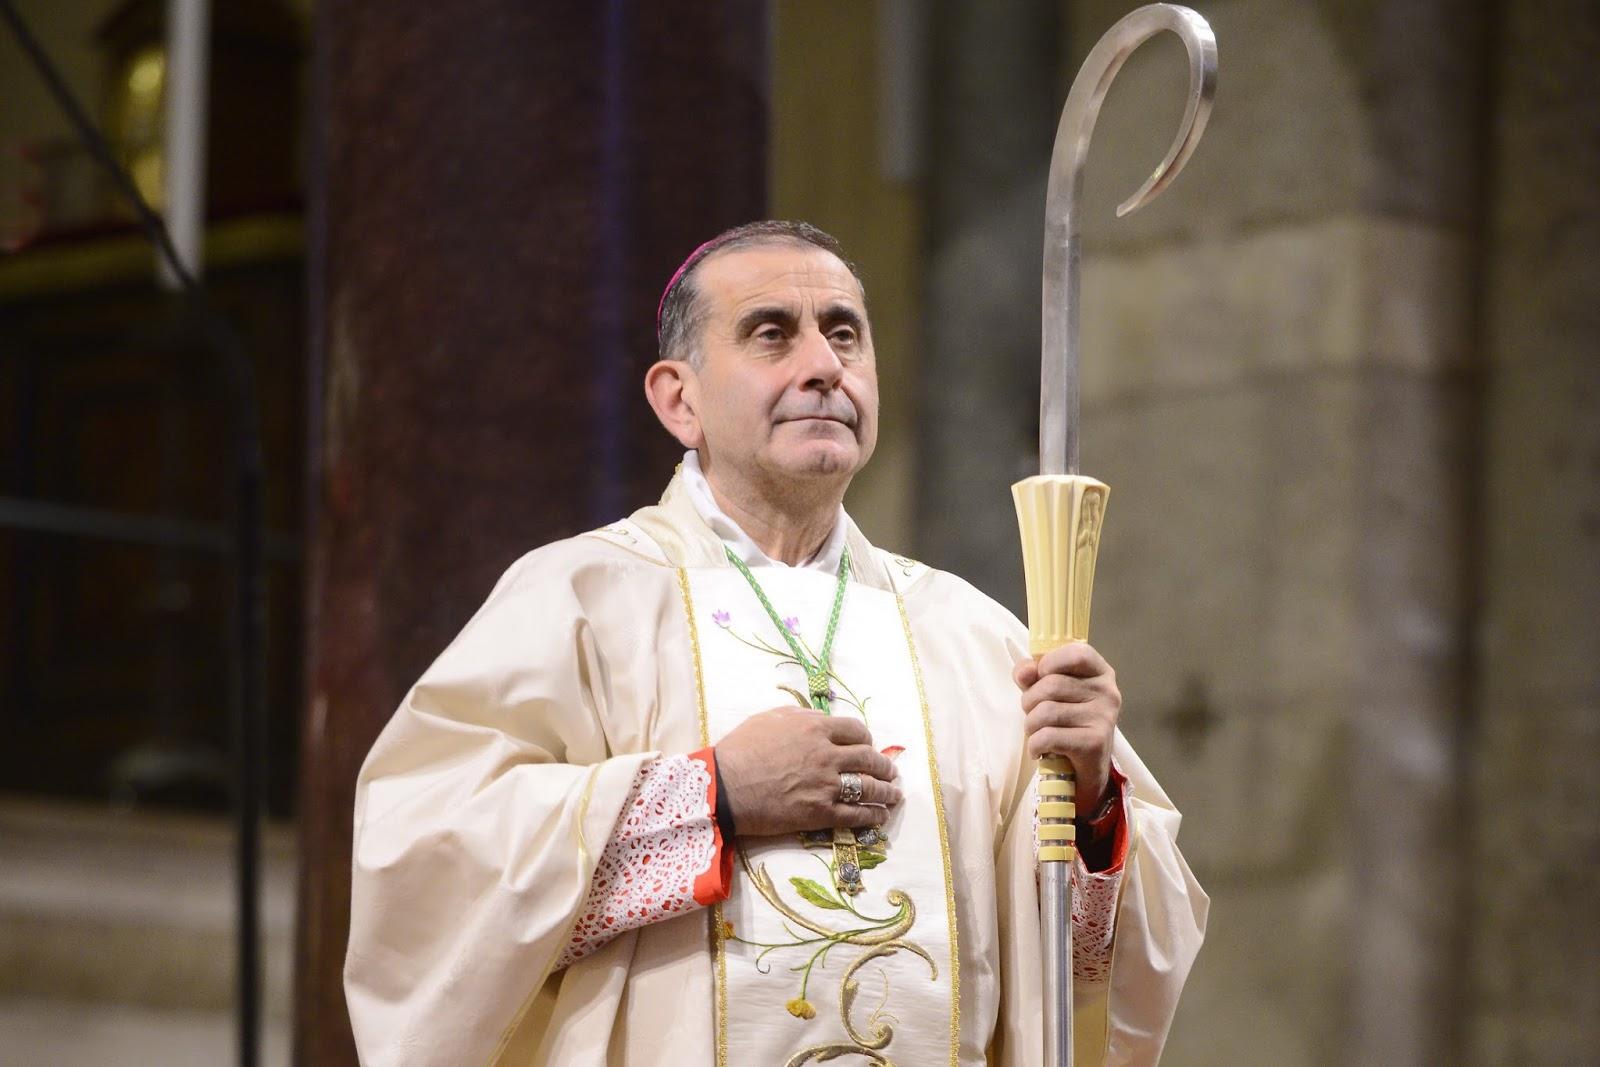 Mgr Mario Delpini © Diocèse de Milan